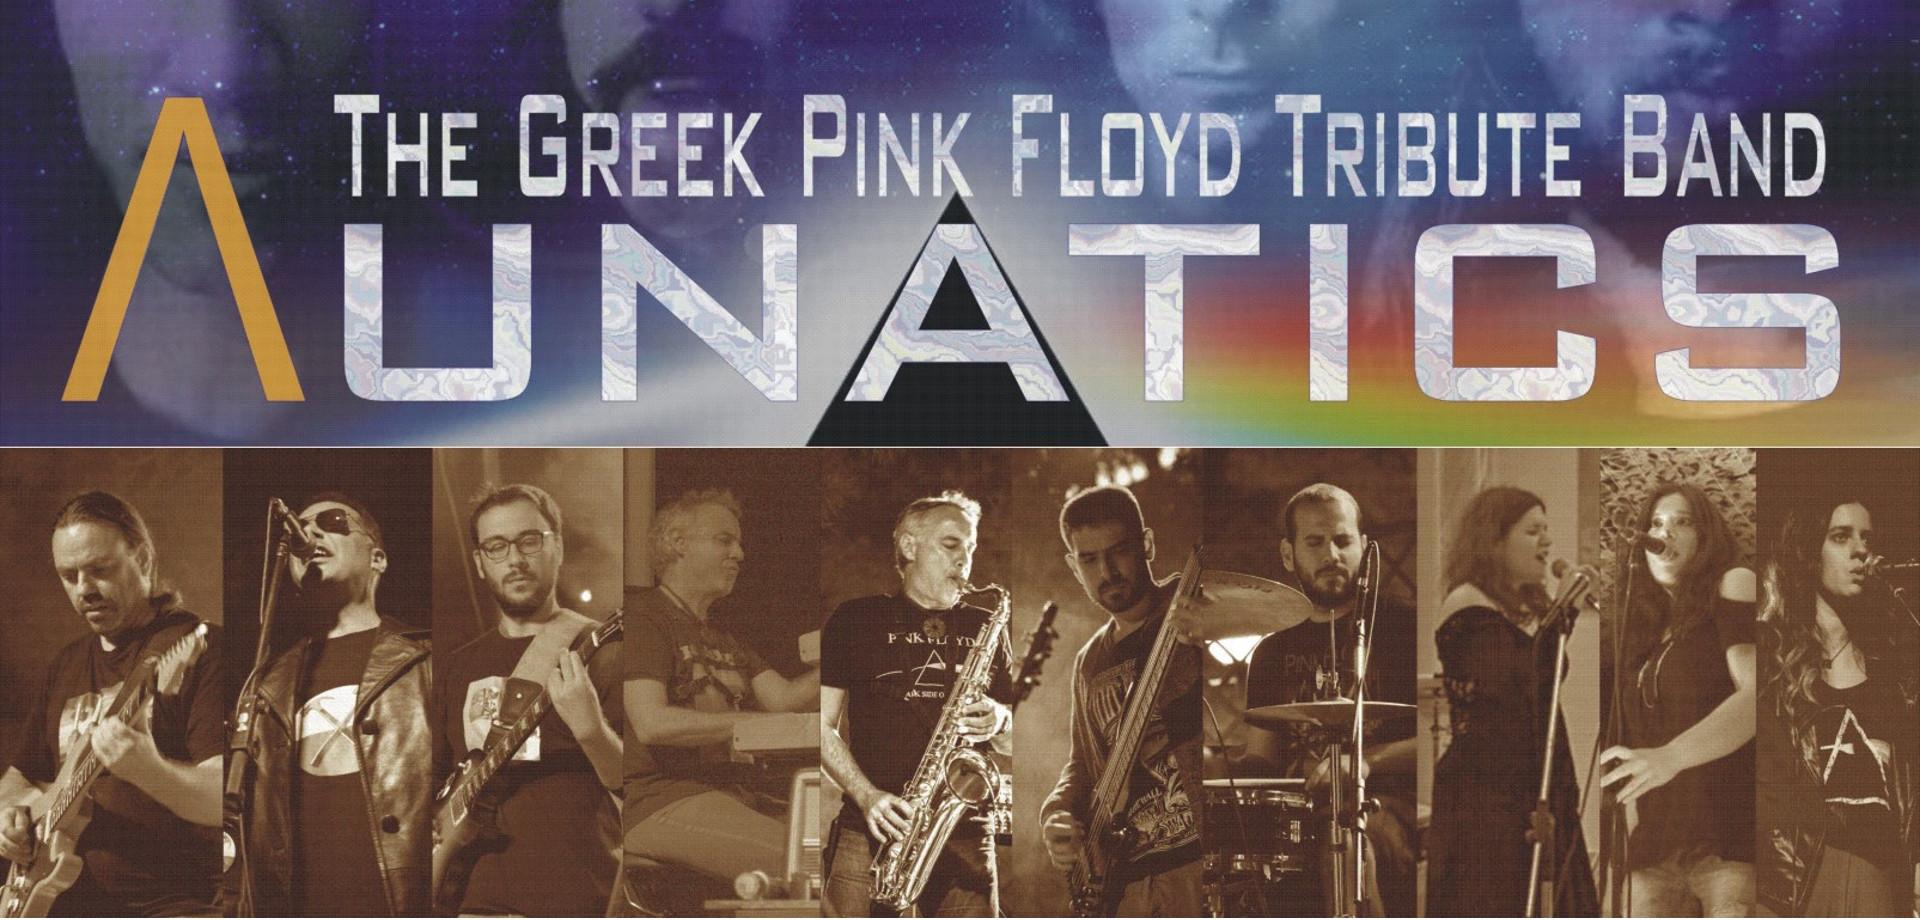 Pink floyd tribute band Λunatics